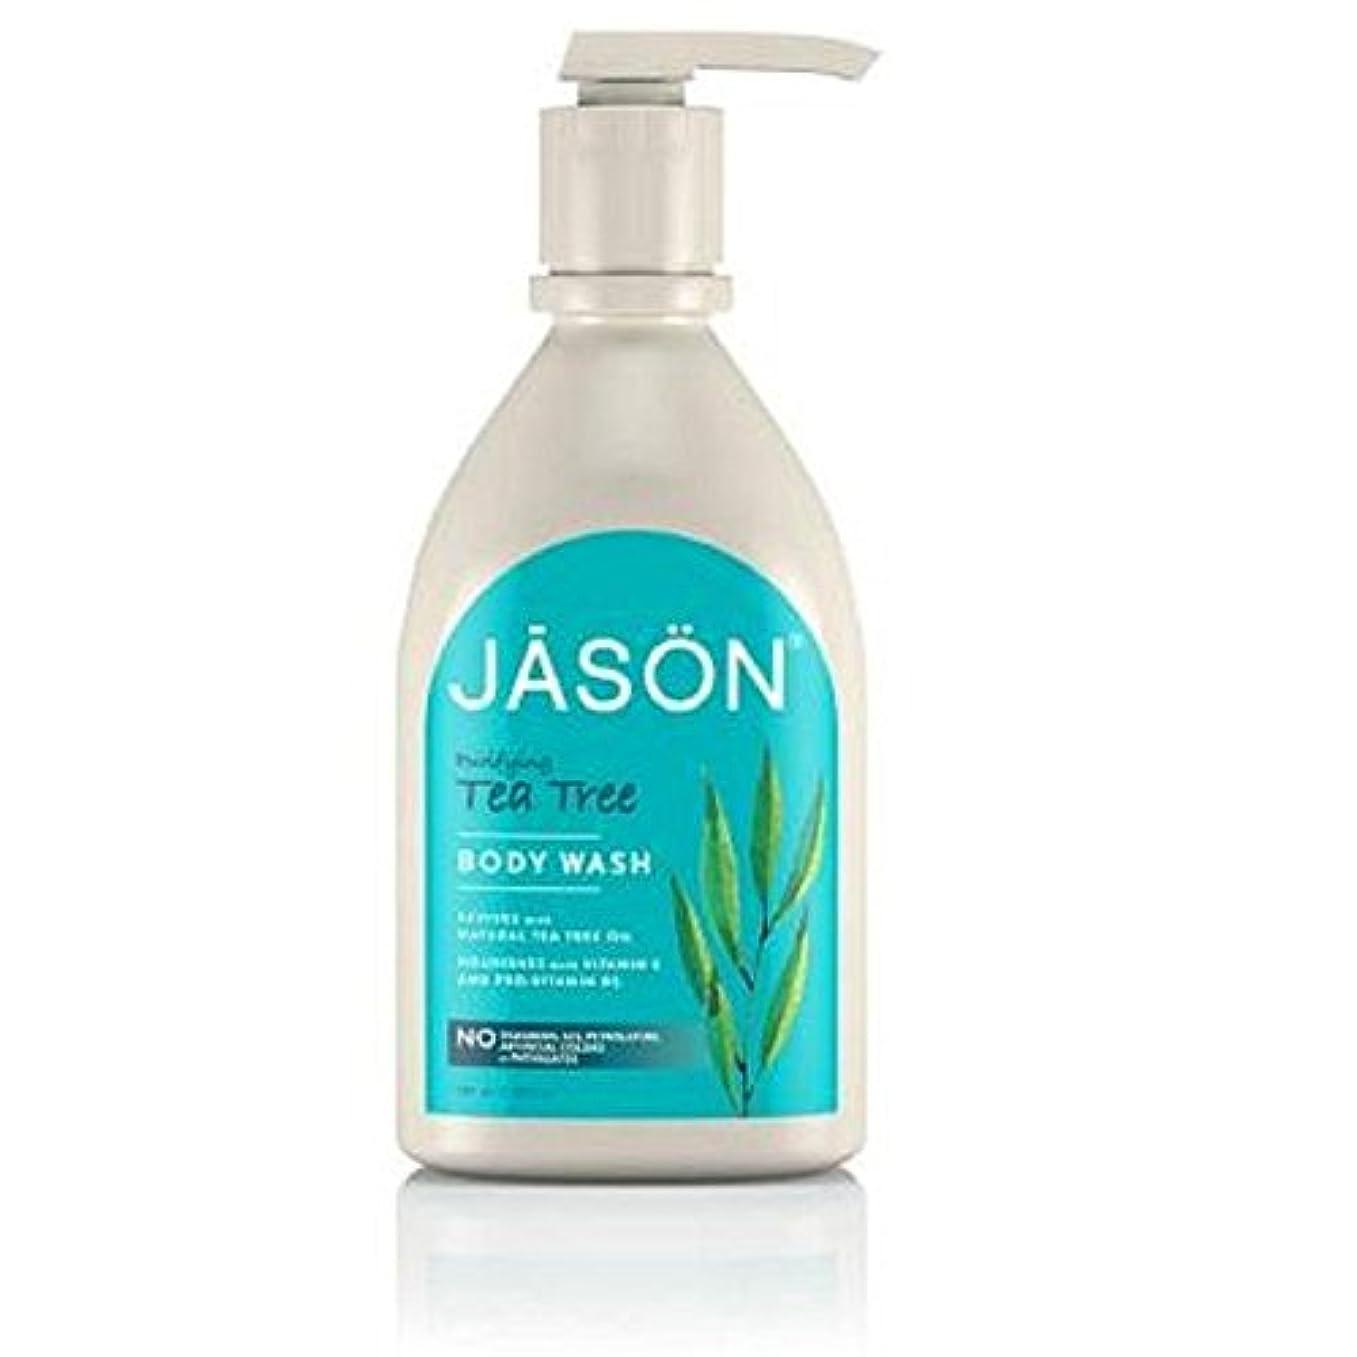 ロデオ大脳女王ジェイソン?ティーツリーサテンボディウォッシュポンプ900ミリリットル x2 - Jason Tea Tree Satin Body Wash Pump 900ml (Pack of 2) [並行輸入品]